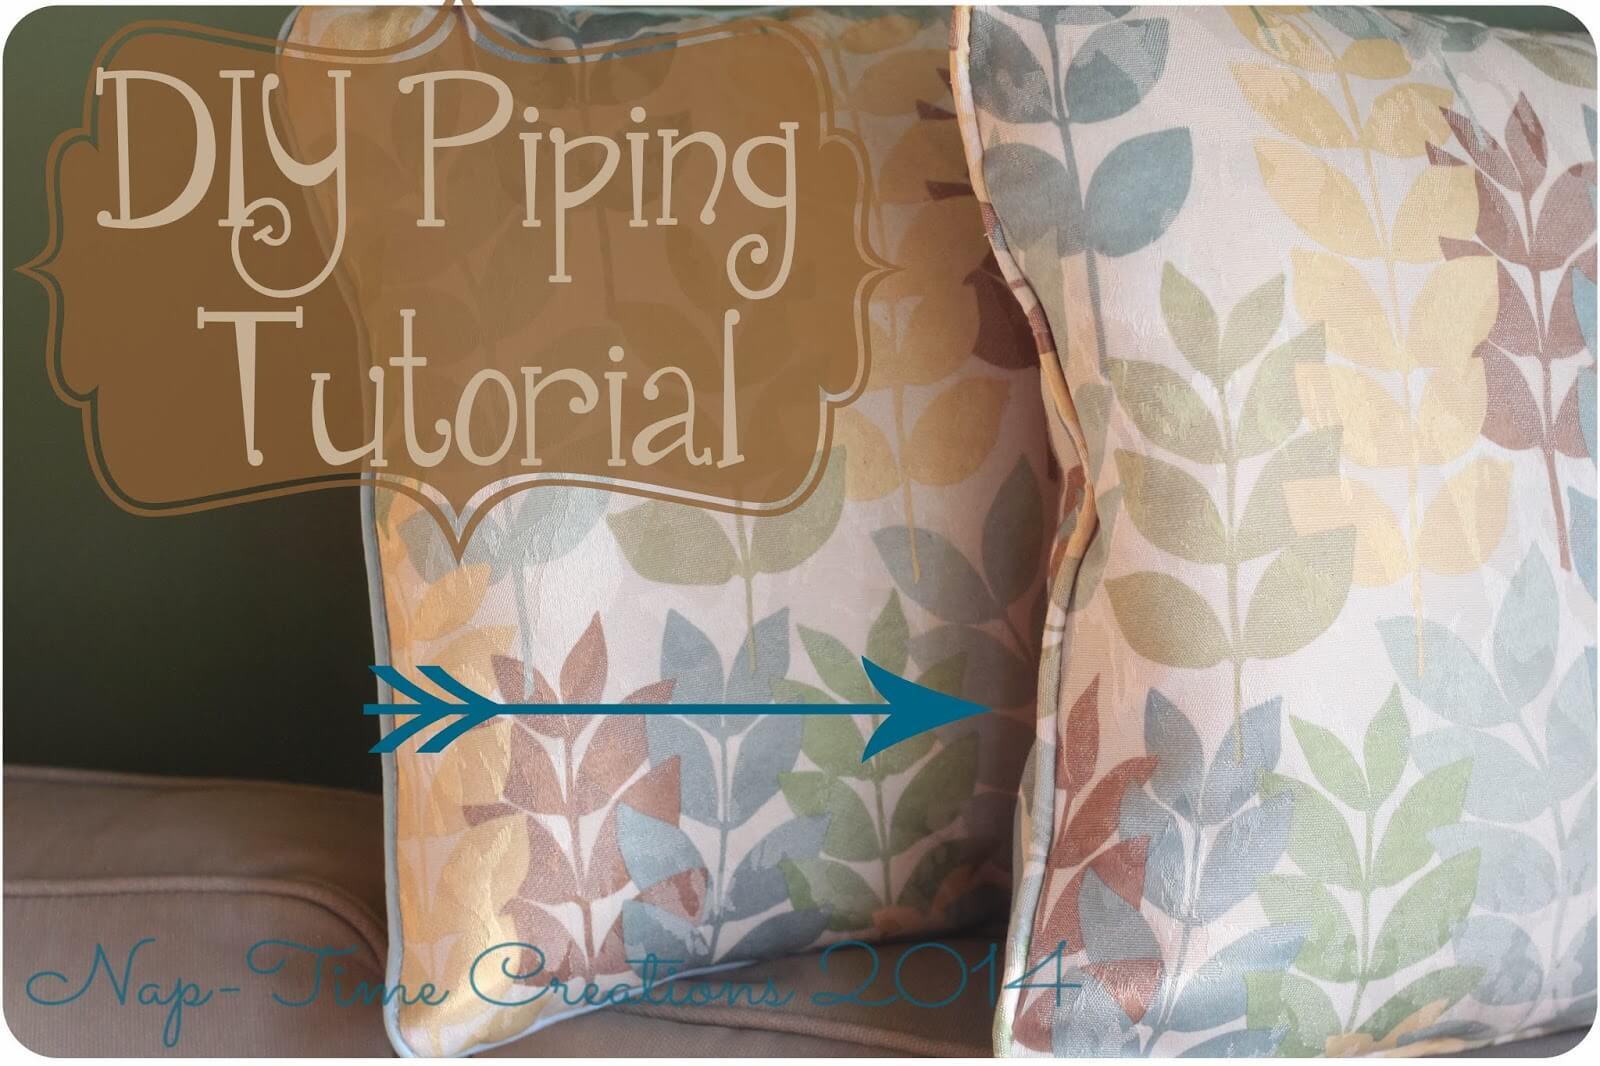 DIY piping tutorial and pillows